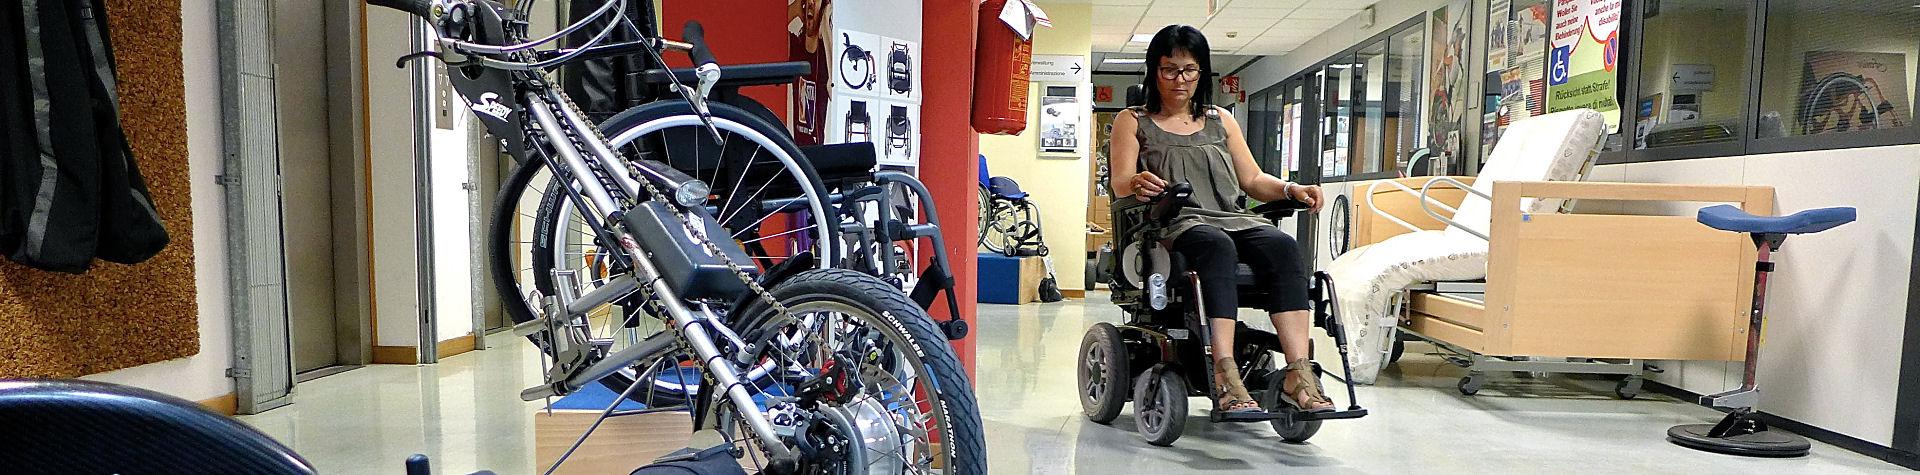 Frau in Rollstuhl 2